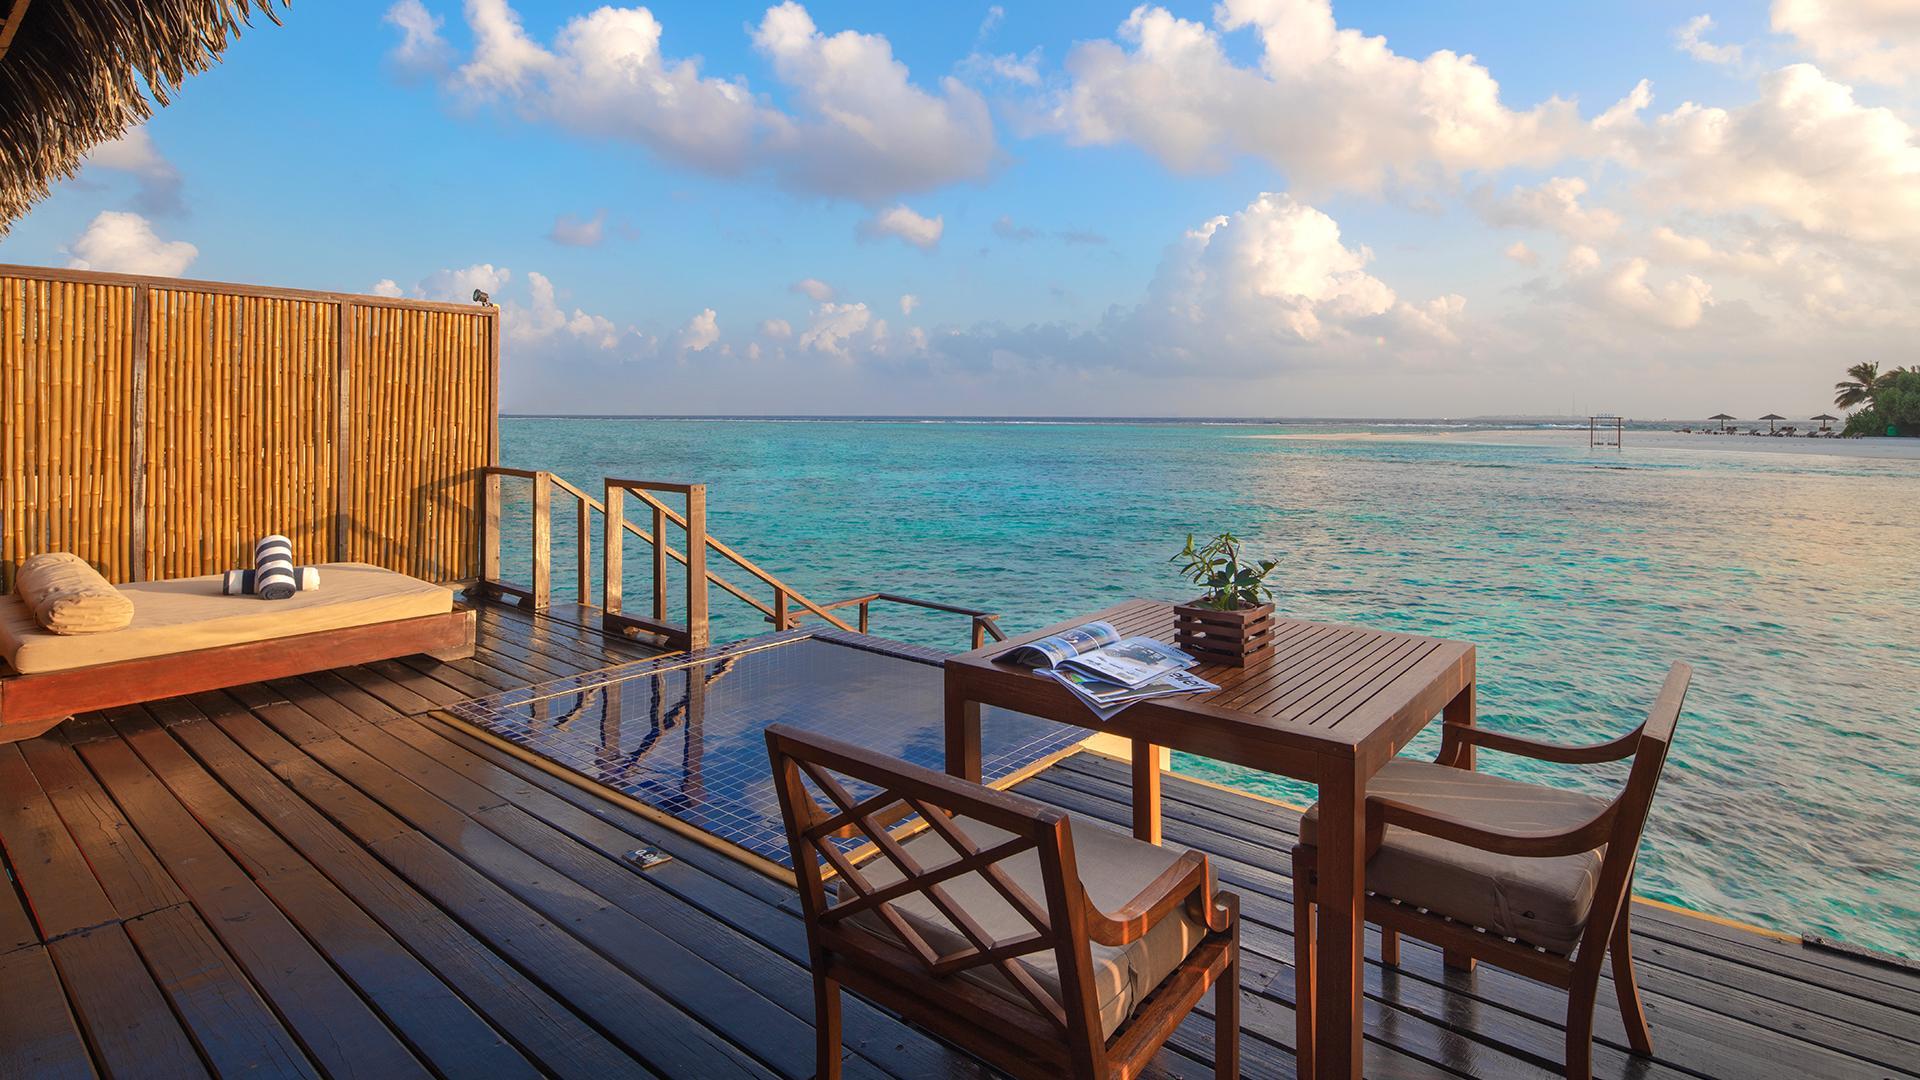 Sunrise Water Villa image 1 at Adaaran Prestige Vadoo by Kaafu Atoll, North Central Province, Maldives